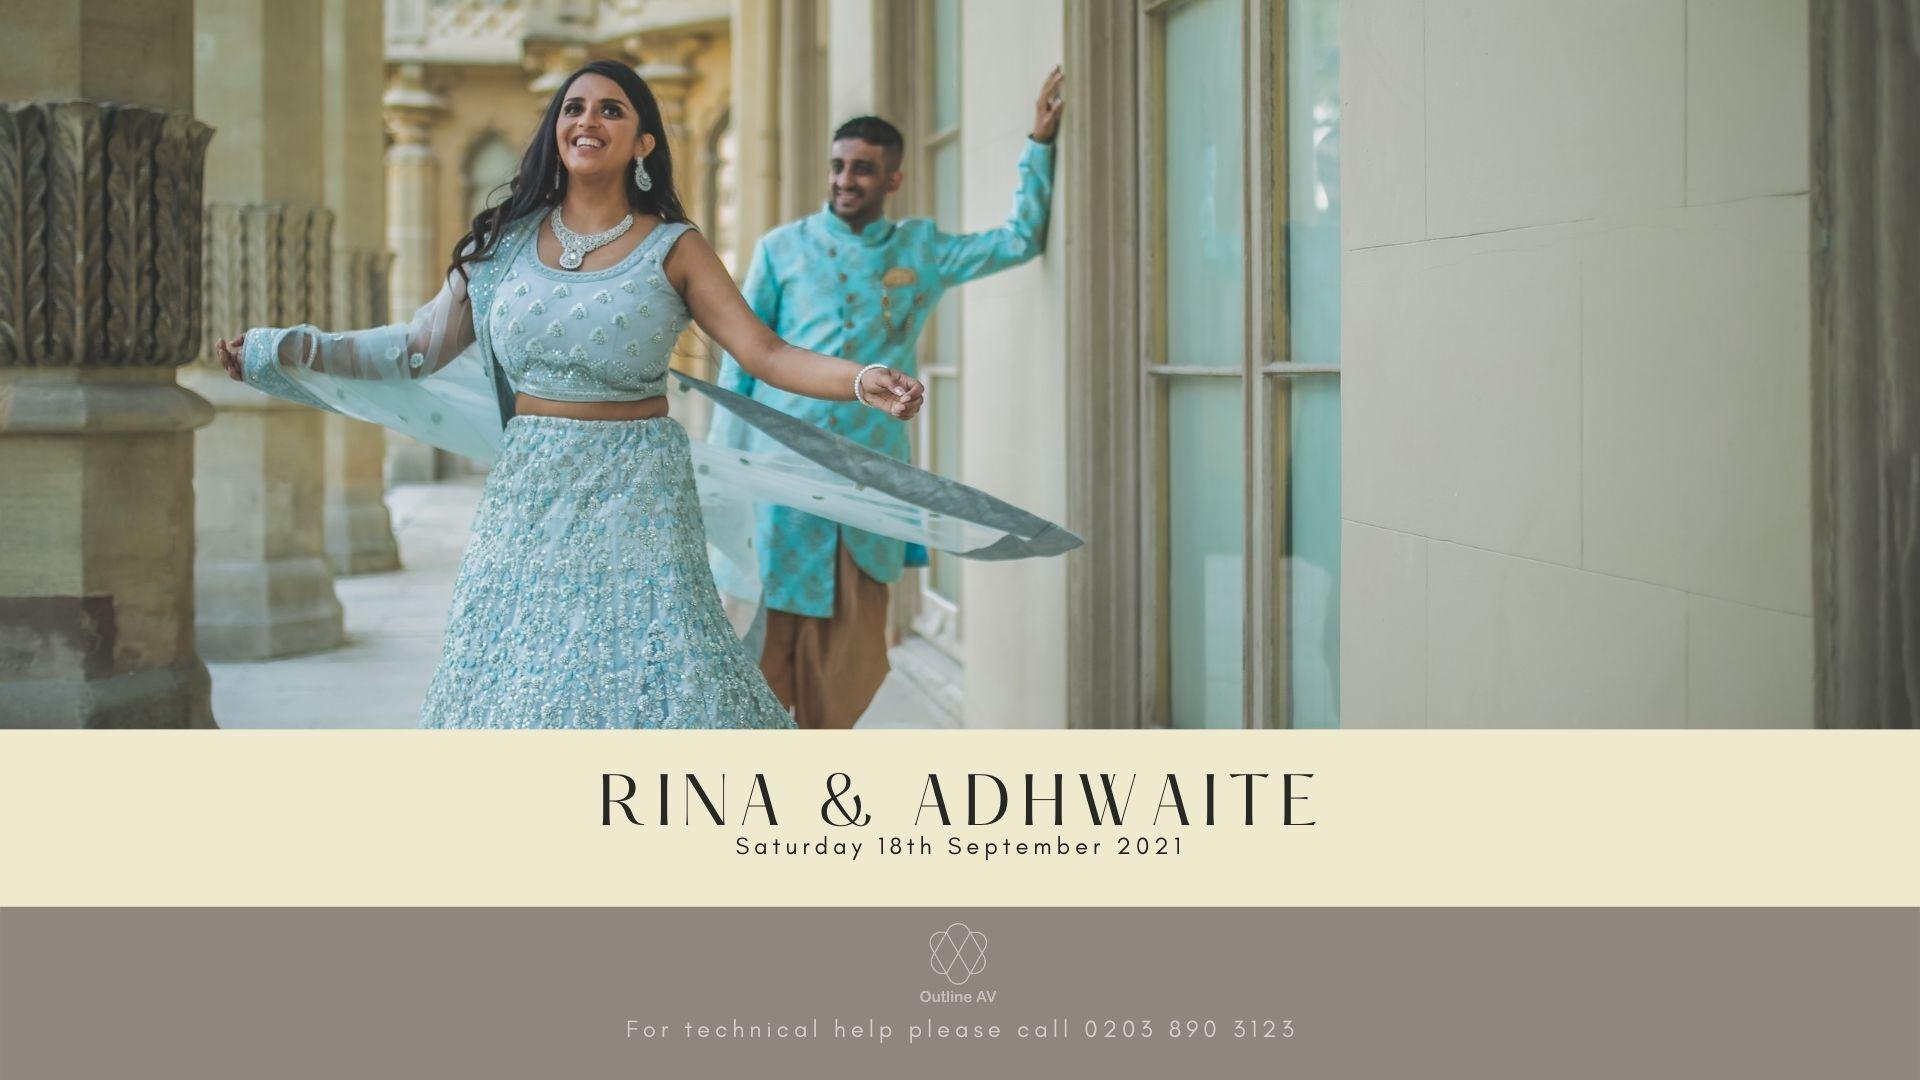 Rina & Adhwaite